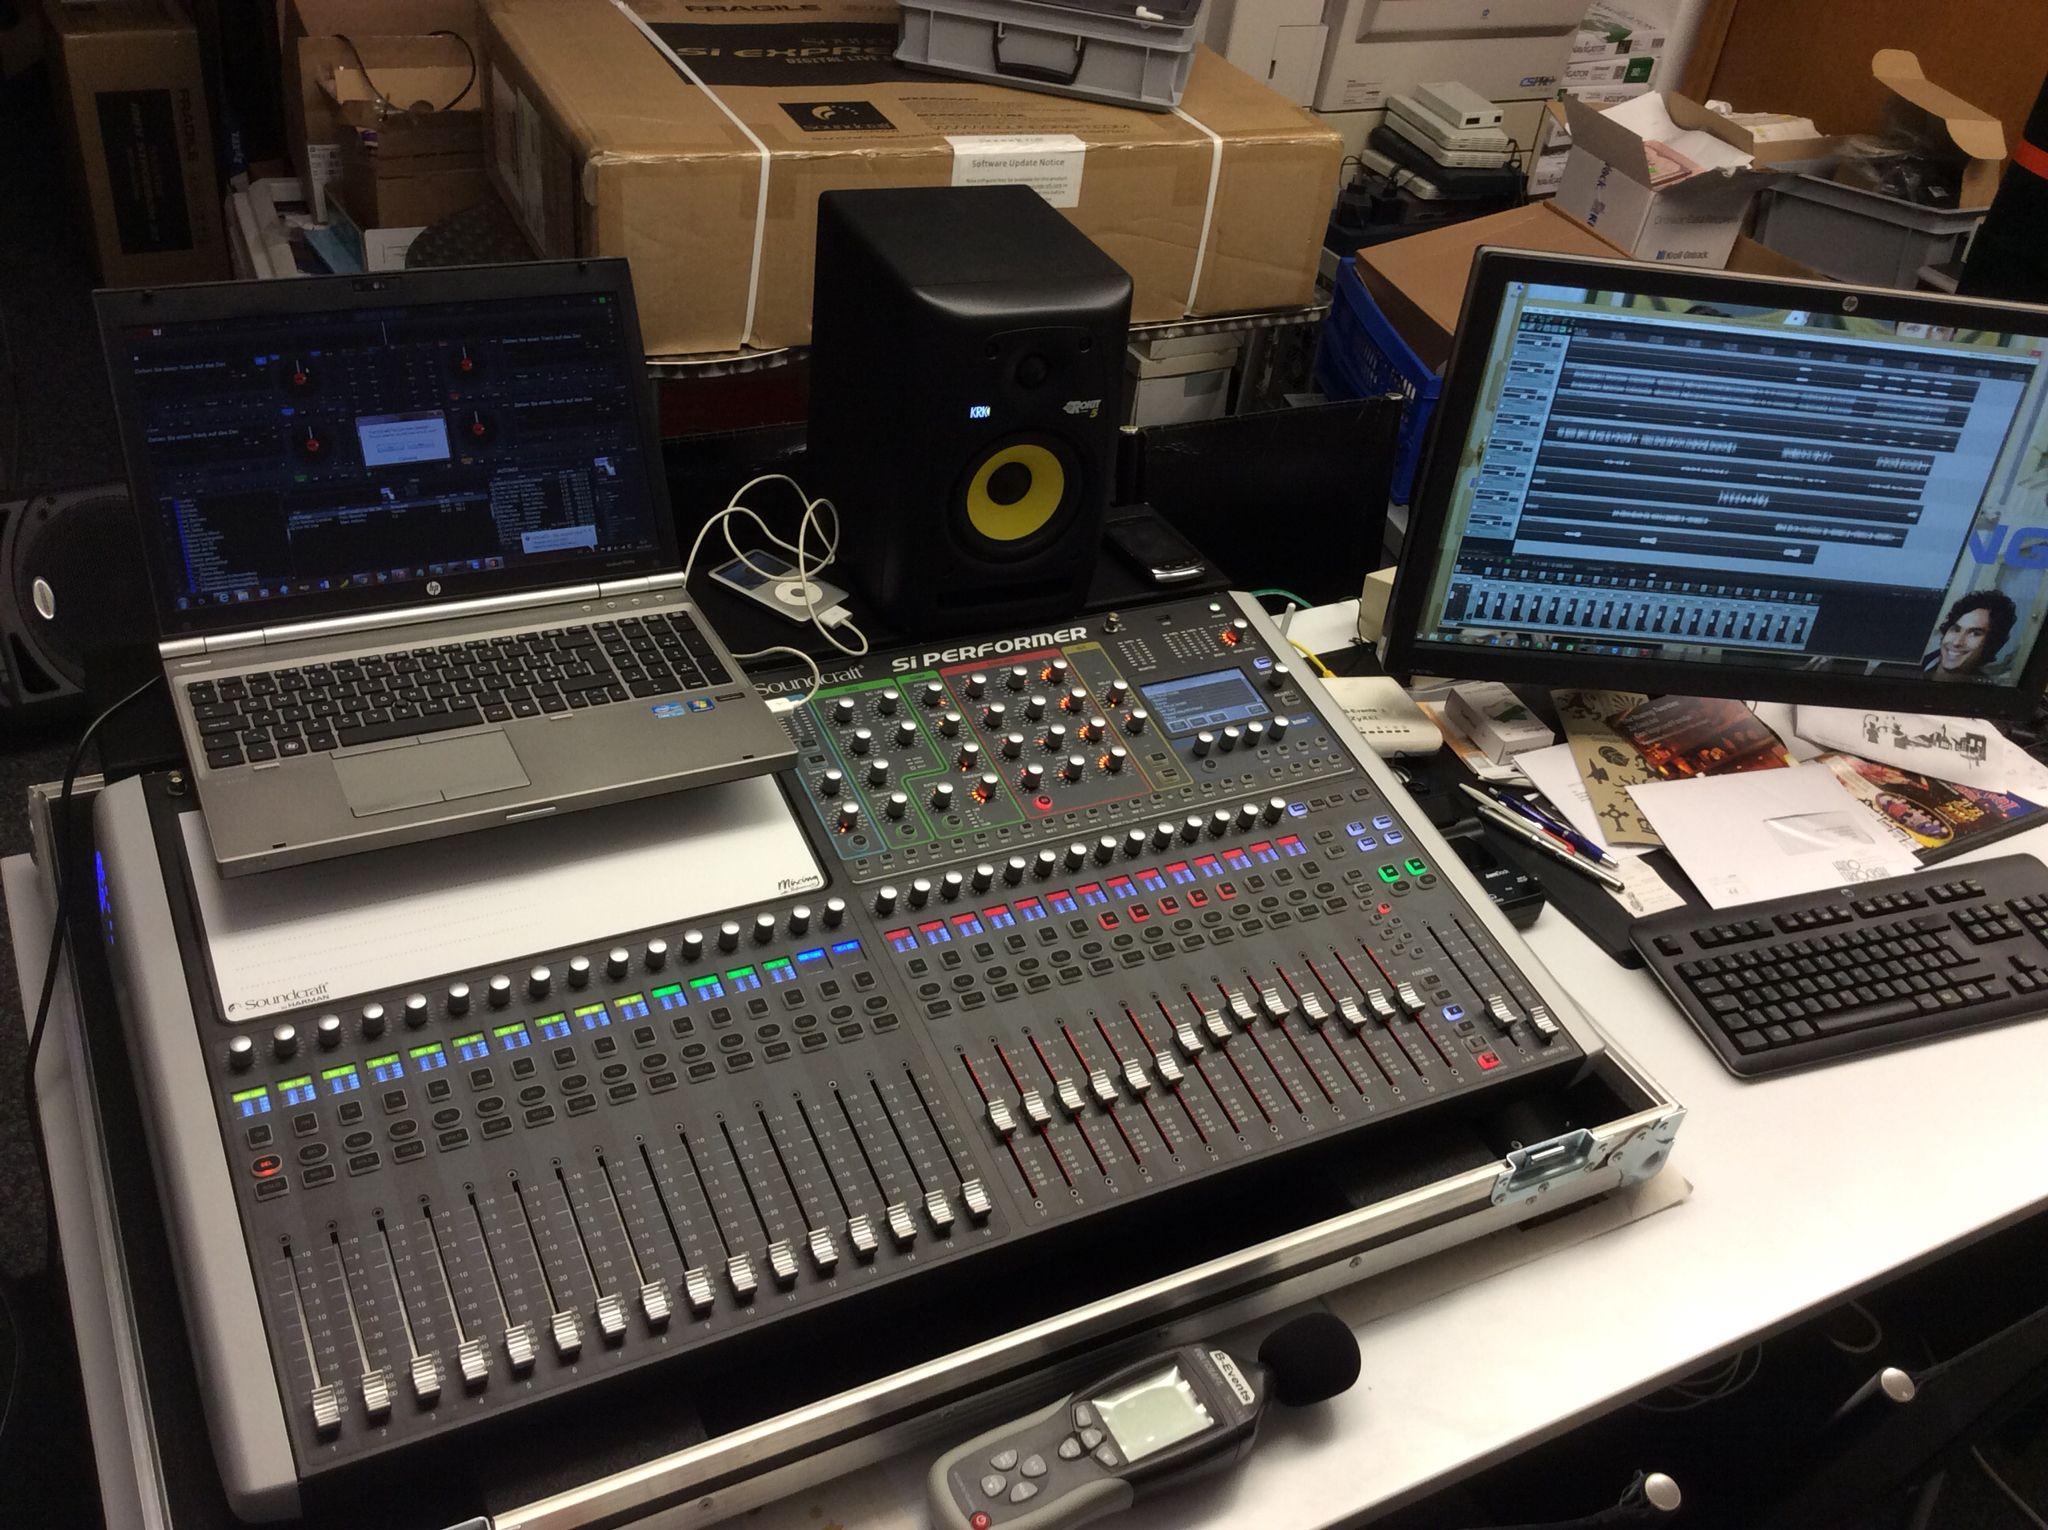 Studio Mixing Mastering Und Recording Mit Dem Soundcraft Si Performer 3 Ein Tolles Teil Sound System System Sound